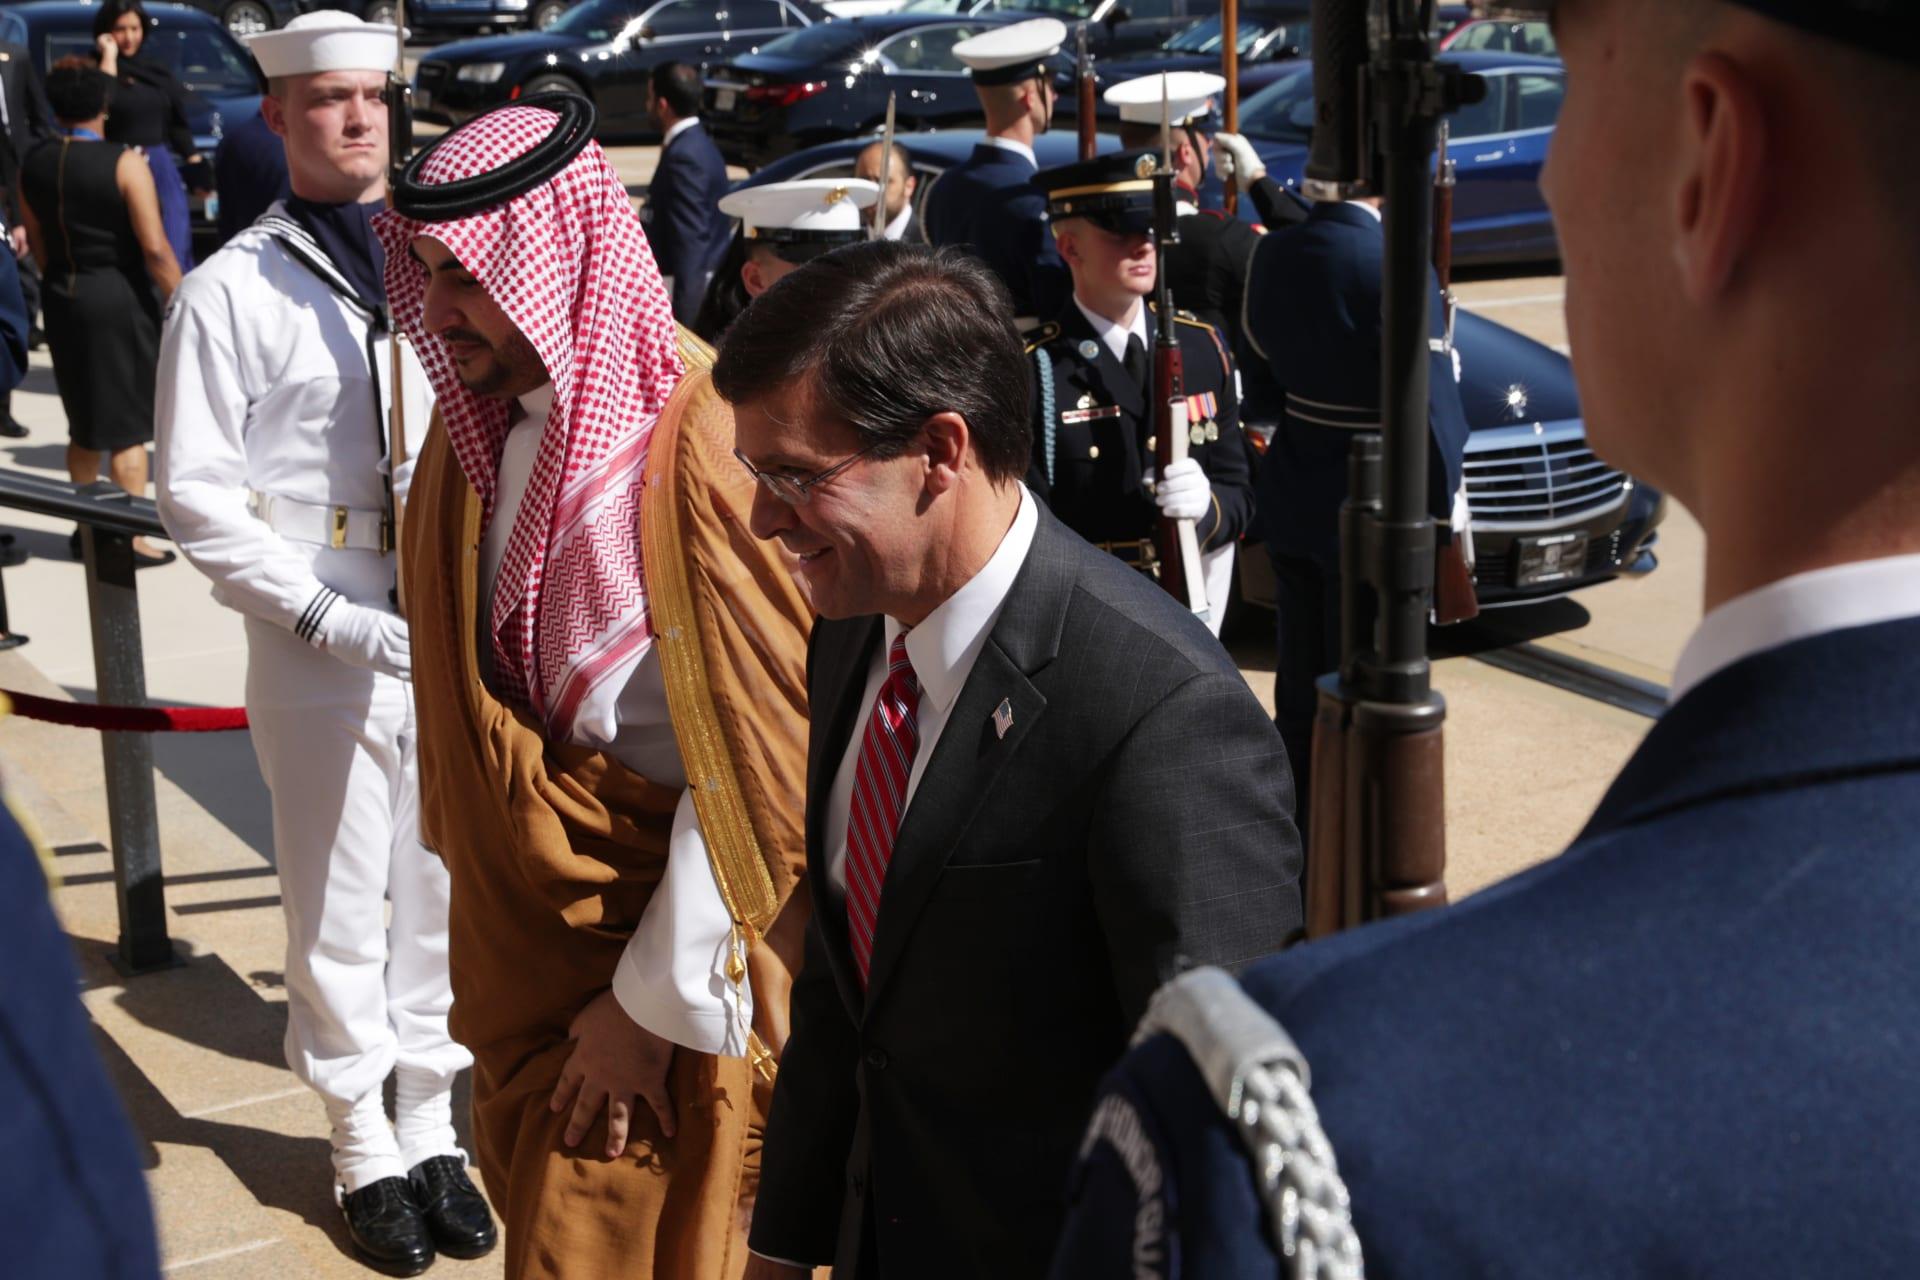 وزير الدفاع الأمريكي مارك إسبر يستقبل نائب وزير الدفاع السعودي خالد بن سلمان